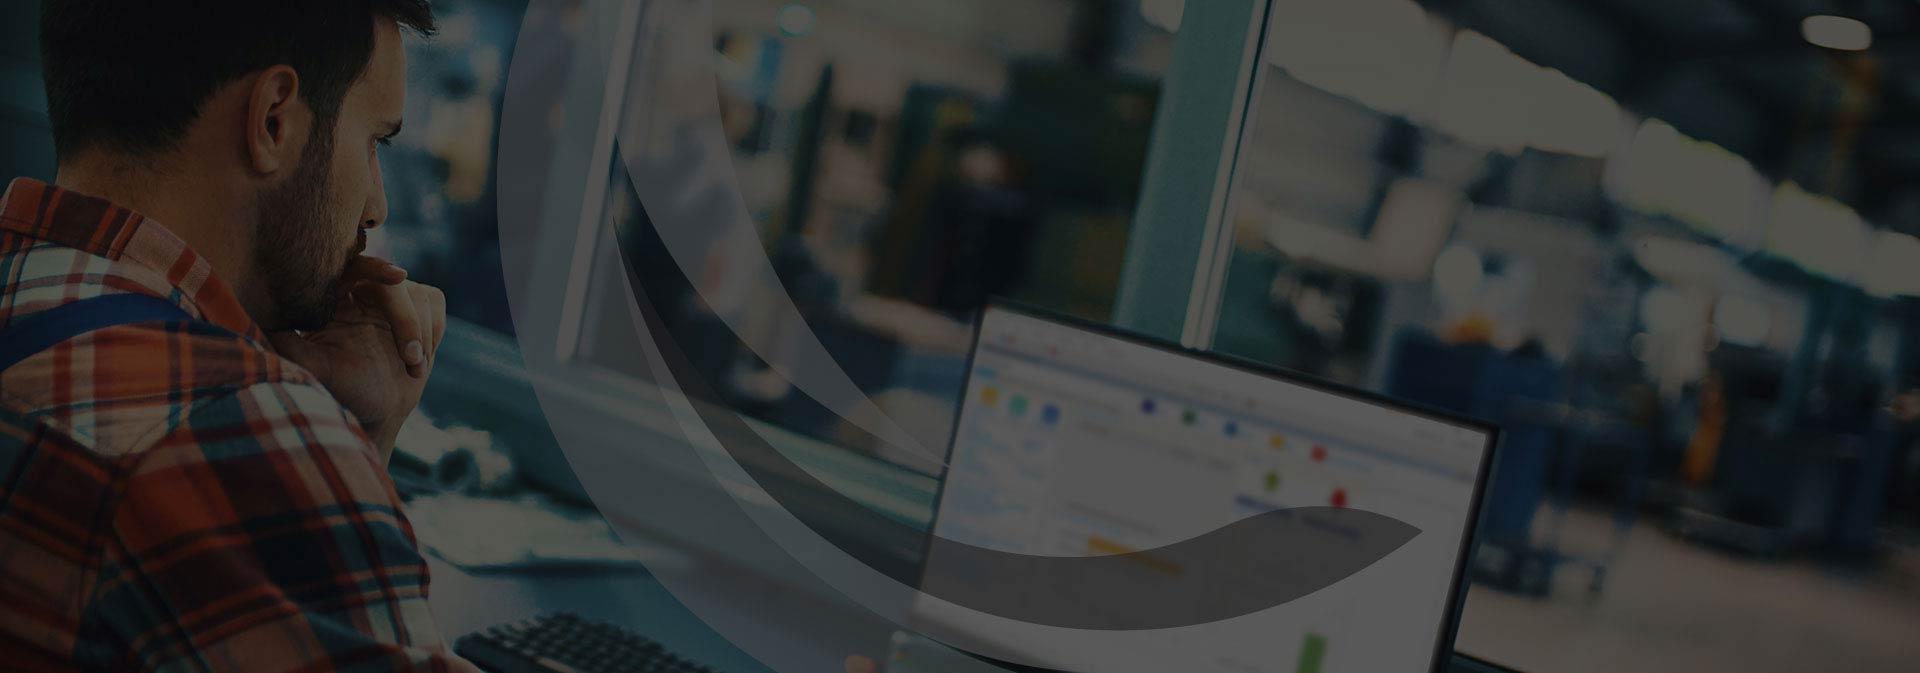 Plánování a rozvrhování Infor CloudSuite Industrial (SyteLine) APS